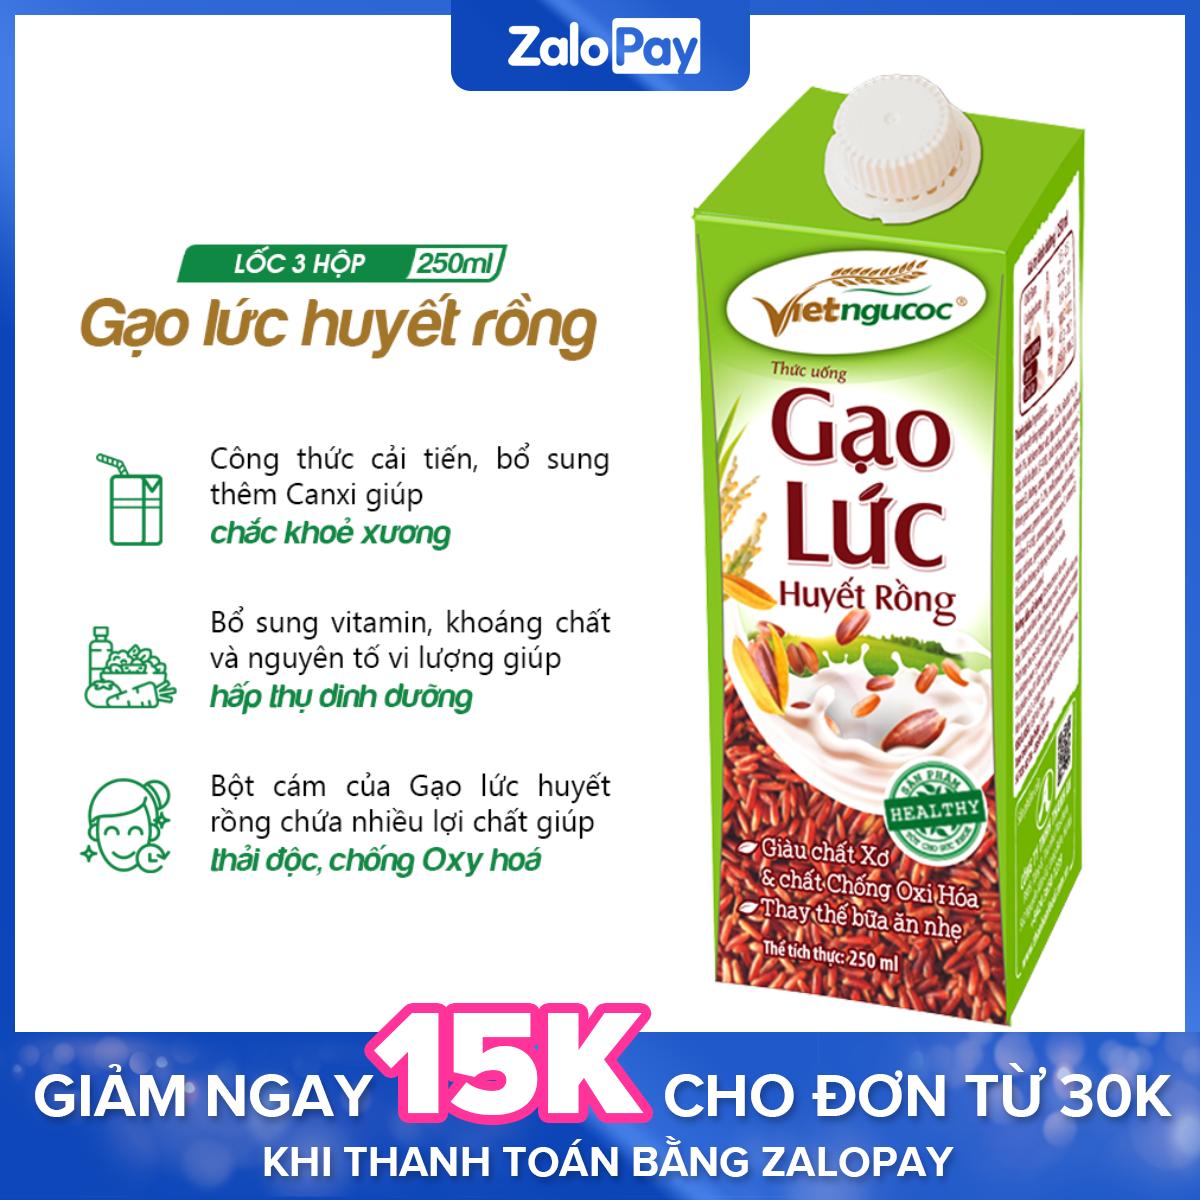 Thức uống Gạo lức huyết rồng Việt Ngũ Cốc lốc 3 hộp 250ml [Date 15.1.2021]